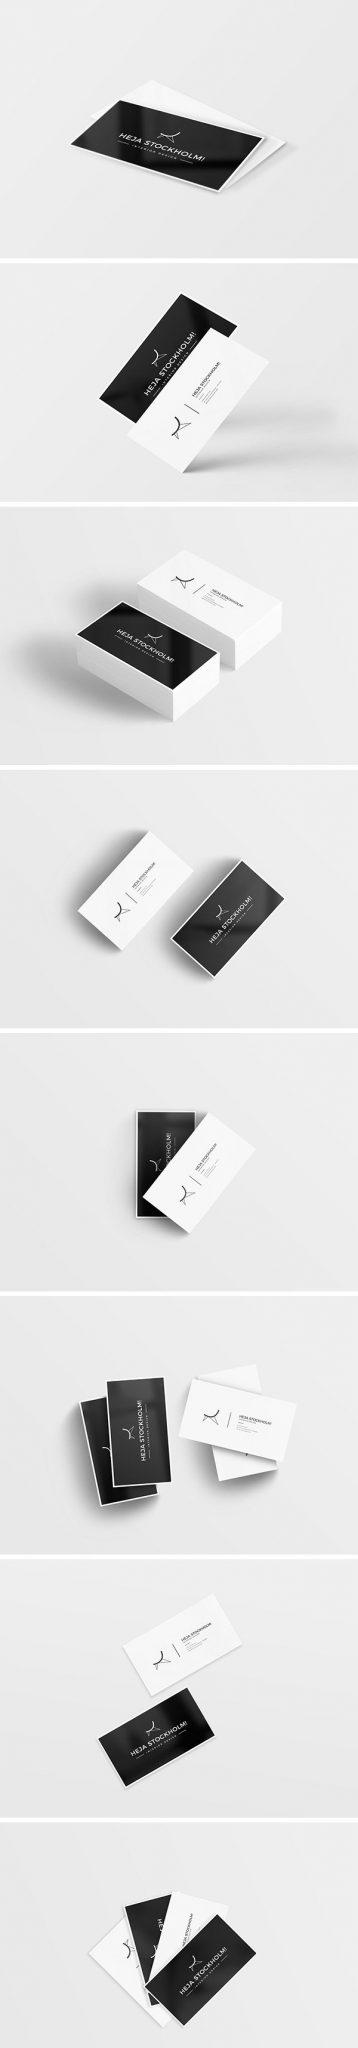 8 maquetas de tarjetas de visita limpias y gratuitas